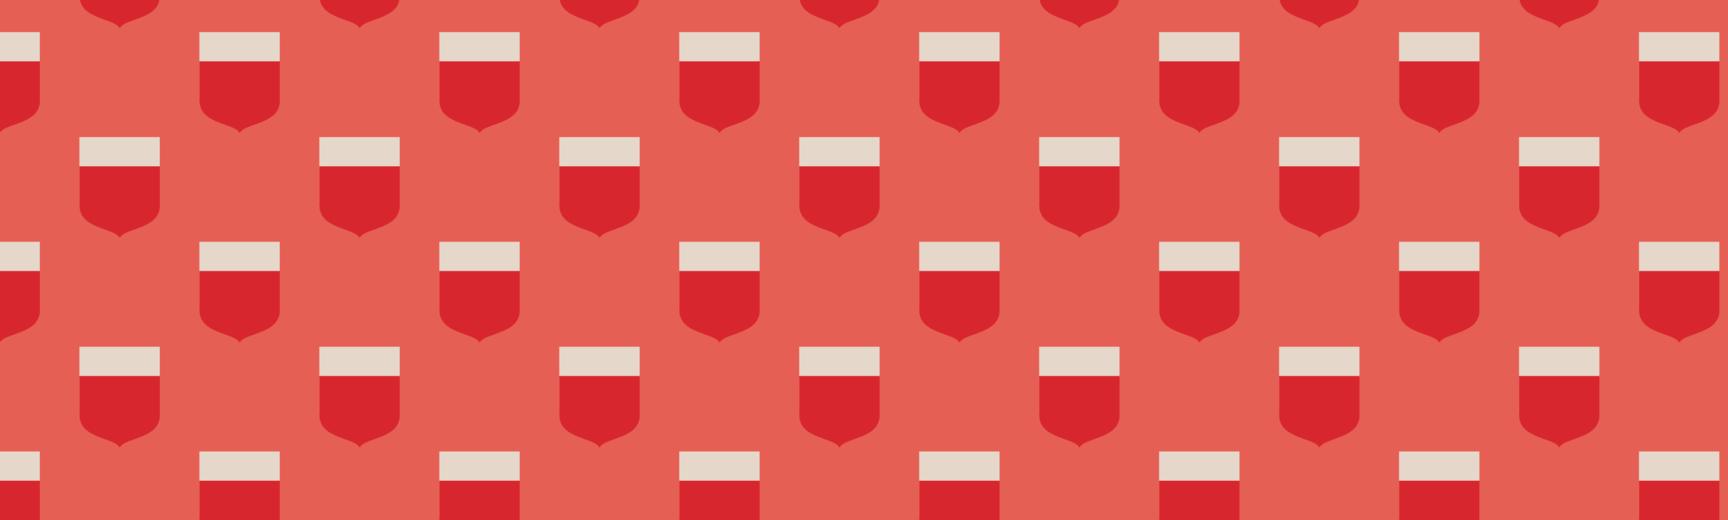 full width banner shields red